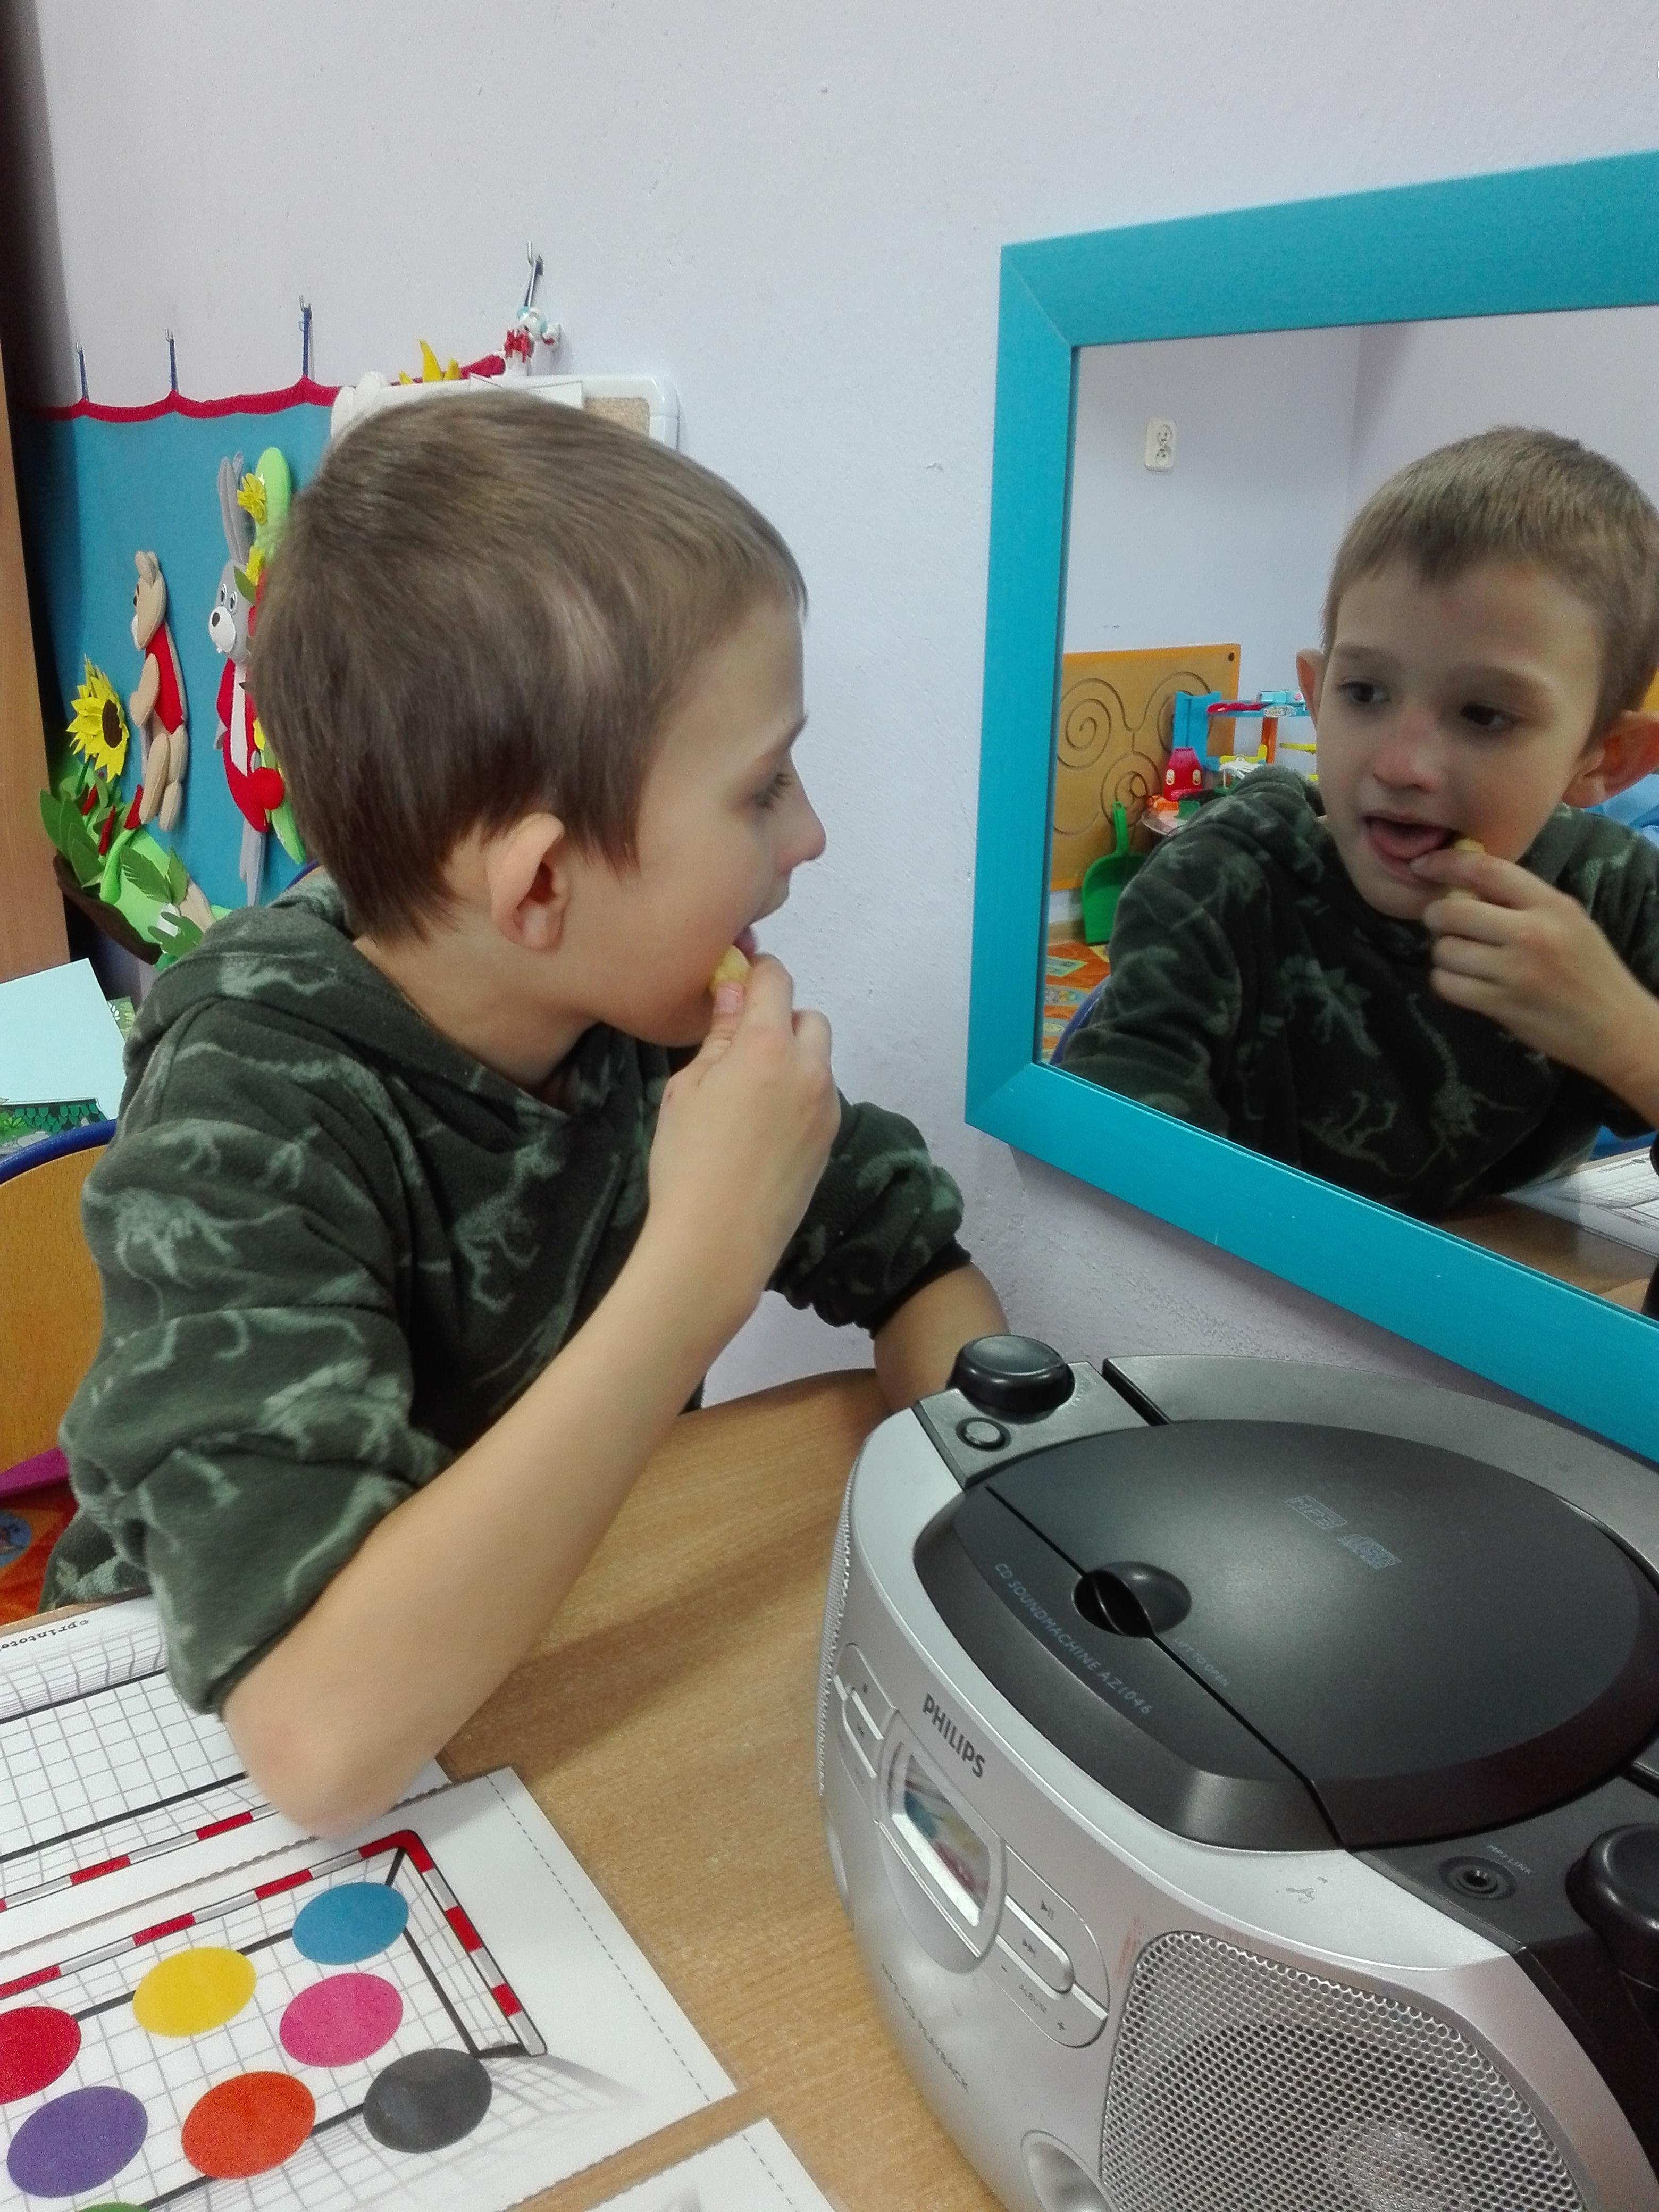 Dziecko siedzi przed lustrem i ma za zadanie naśladować ruchy warg nauczyciela i wykonywać jego polecenia